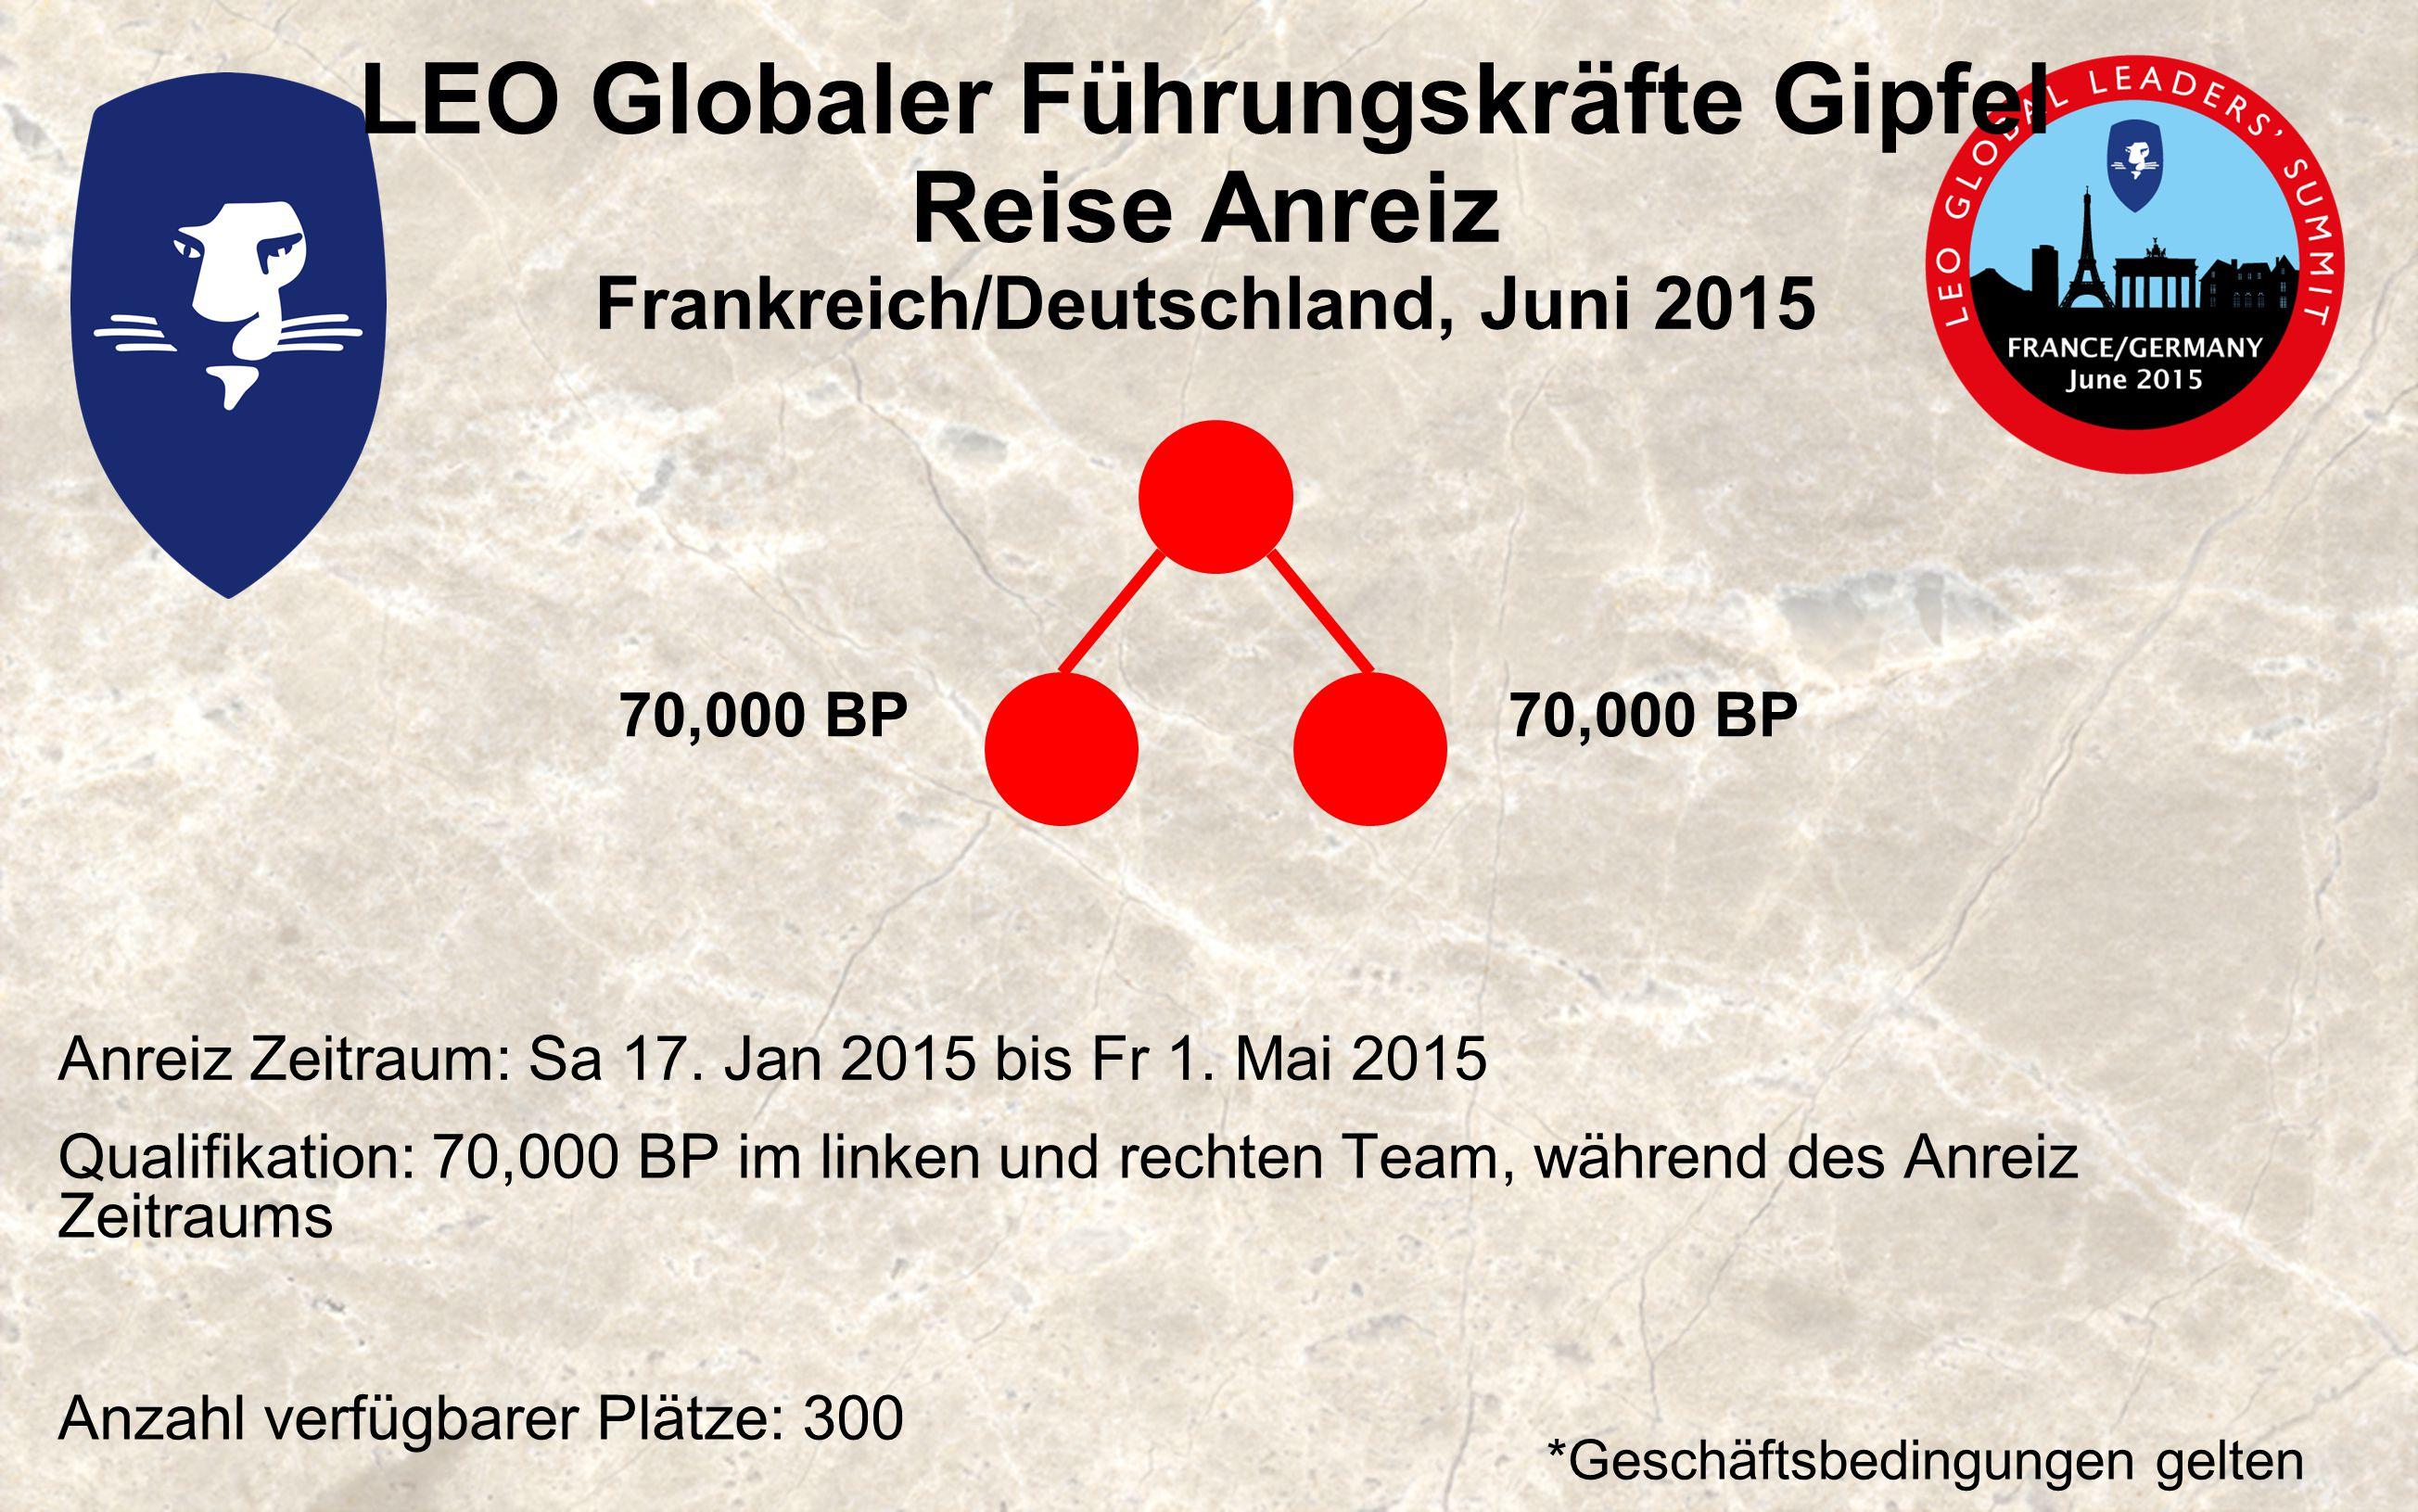 LEO Globaler Führungskräfte Gipfel Reise Anreiz Frankreich/Deutschland, Juni 2015 Anreiz Zeitraum: Sa 17.